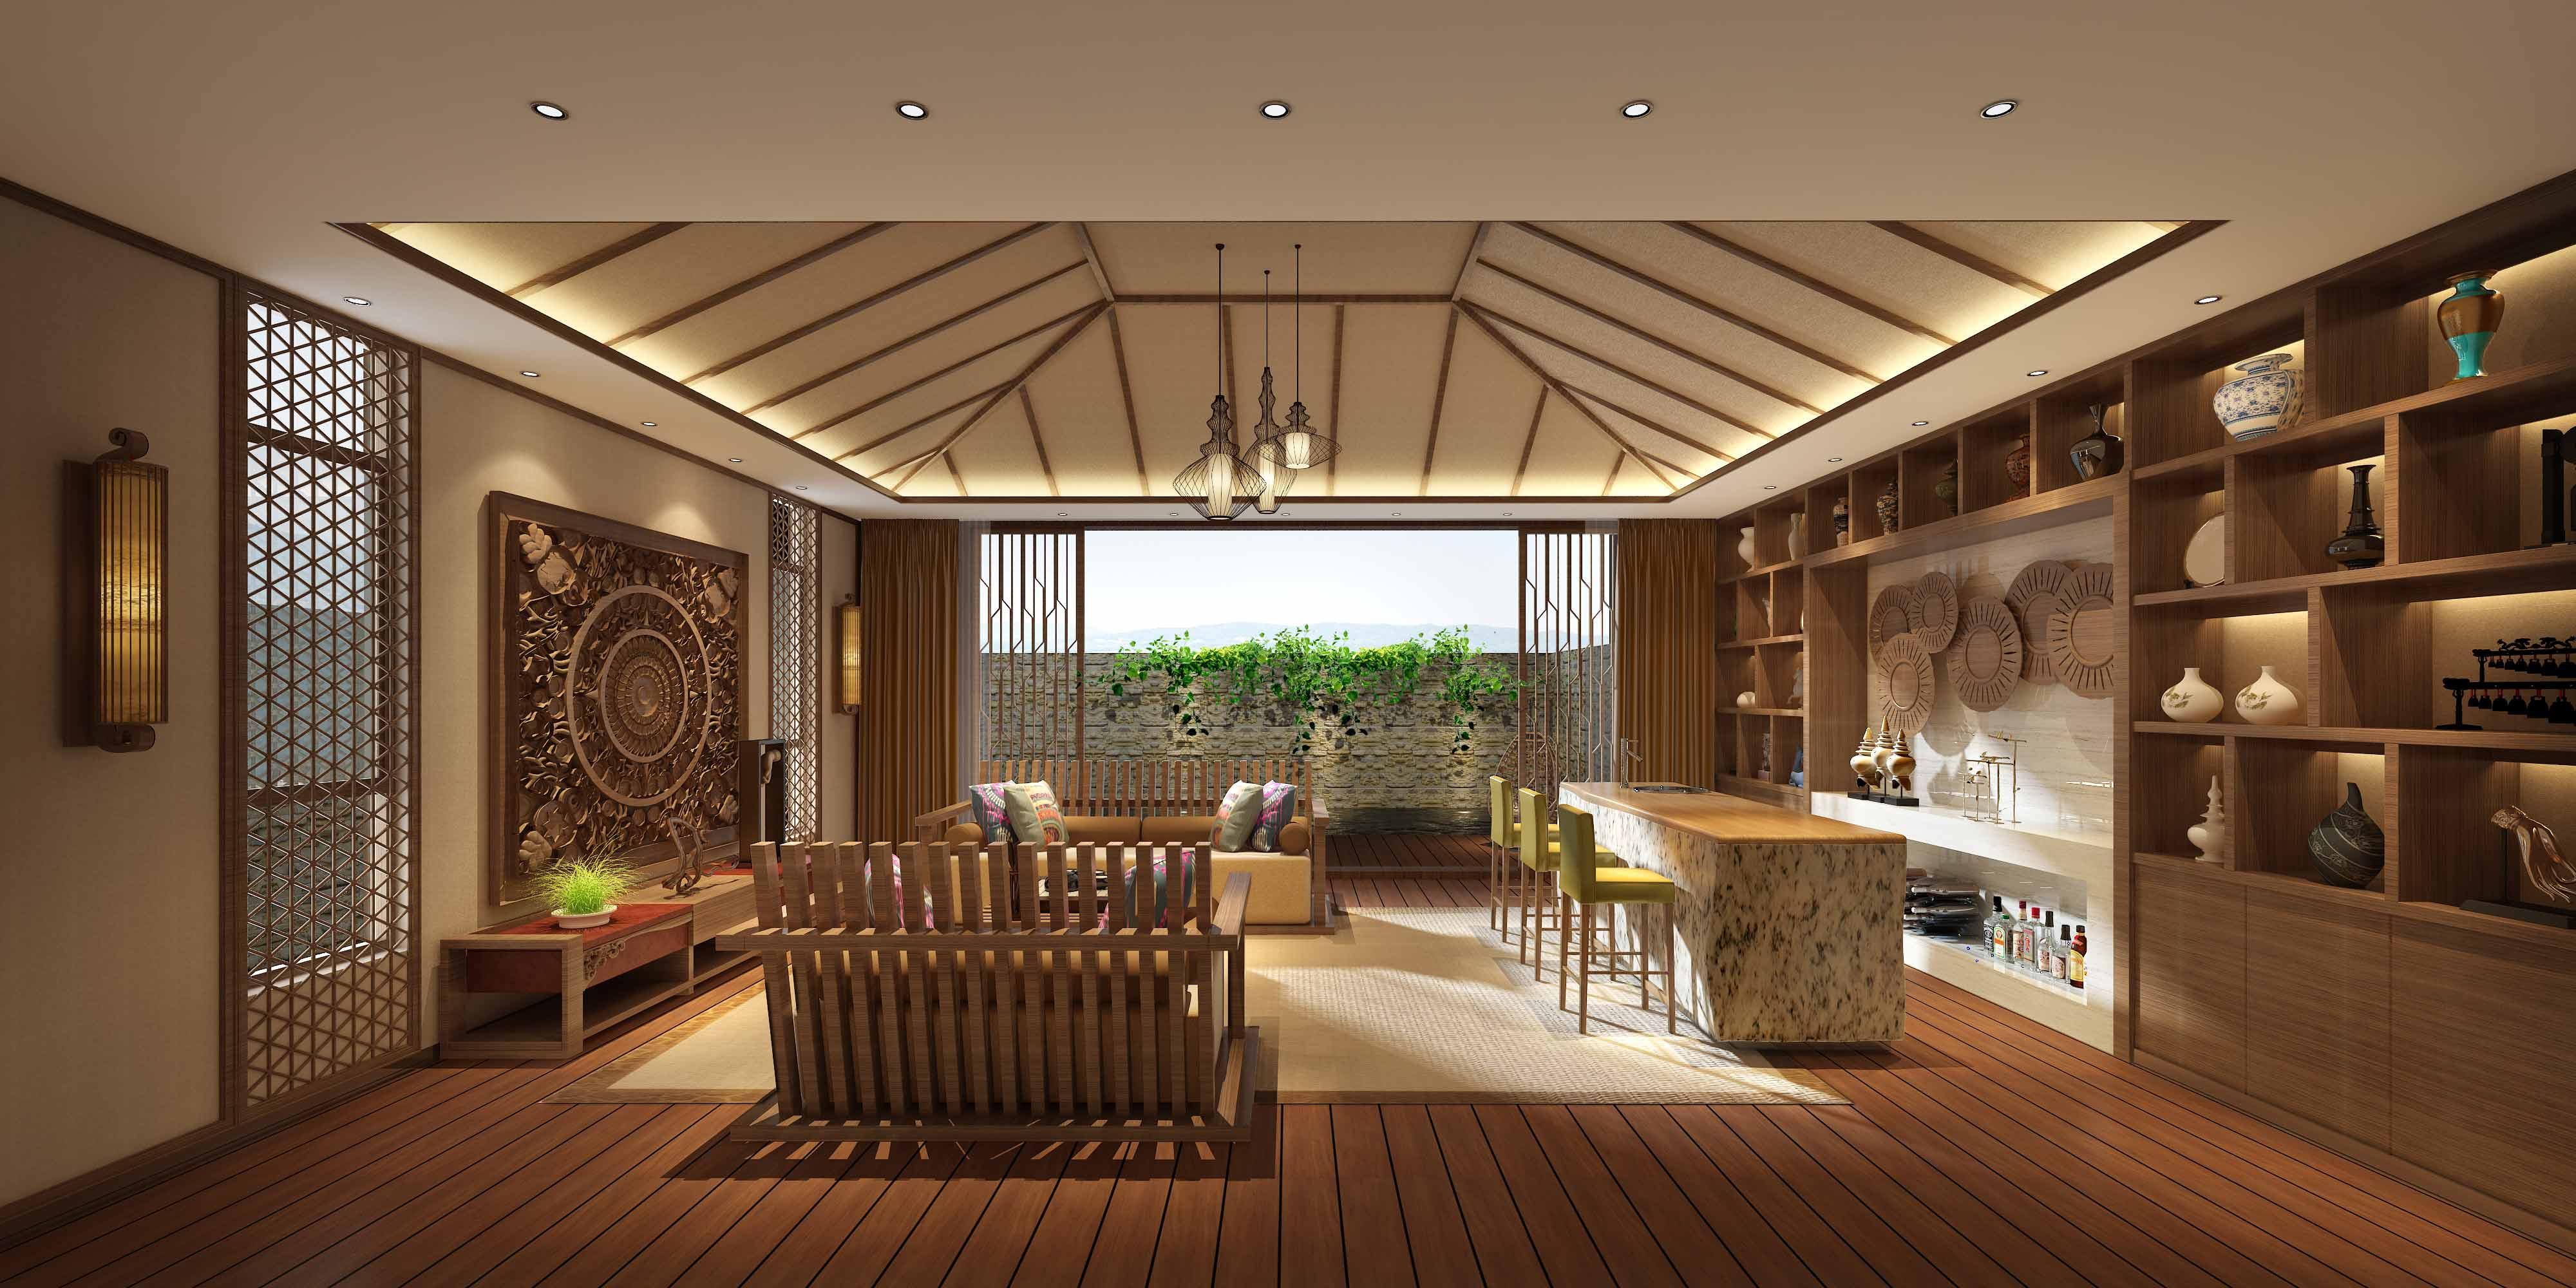 高端别墅设计_锐度设计工作室案例展示_一品威客网